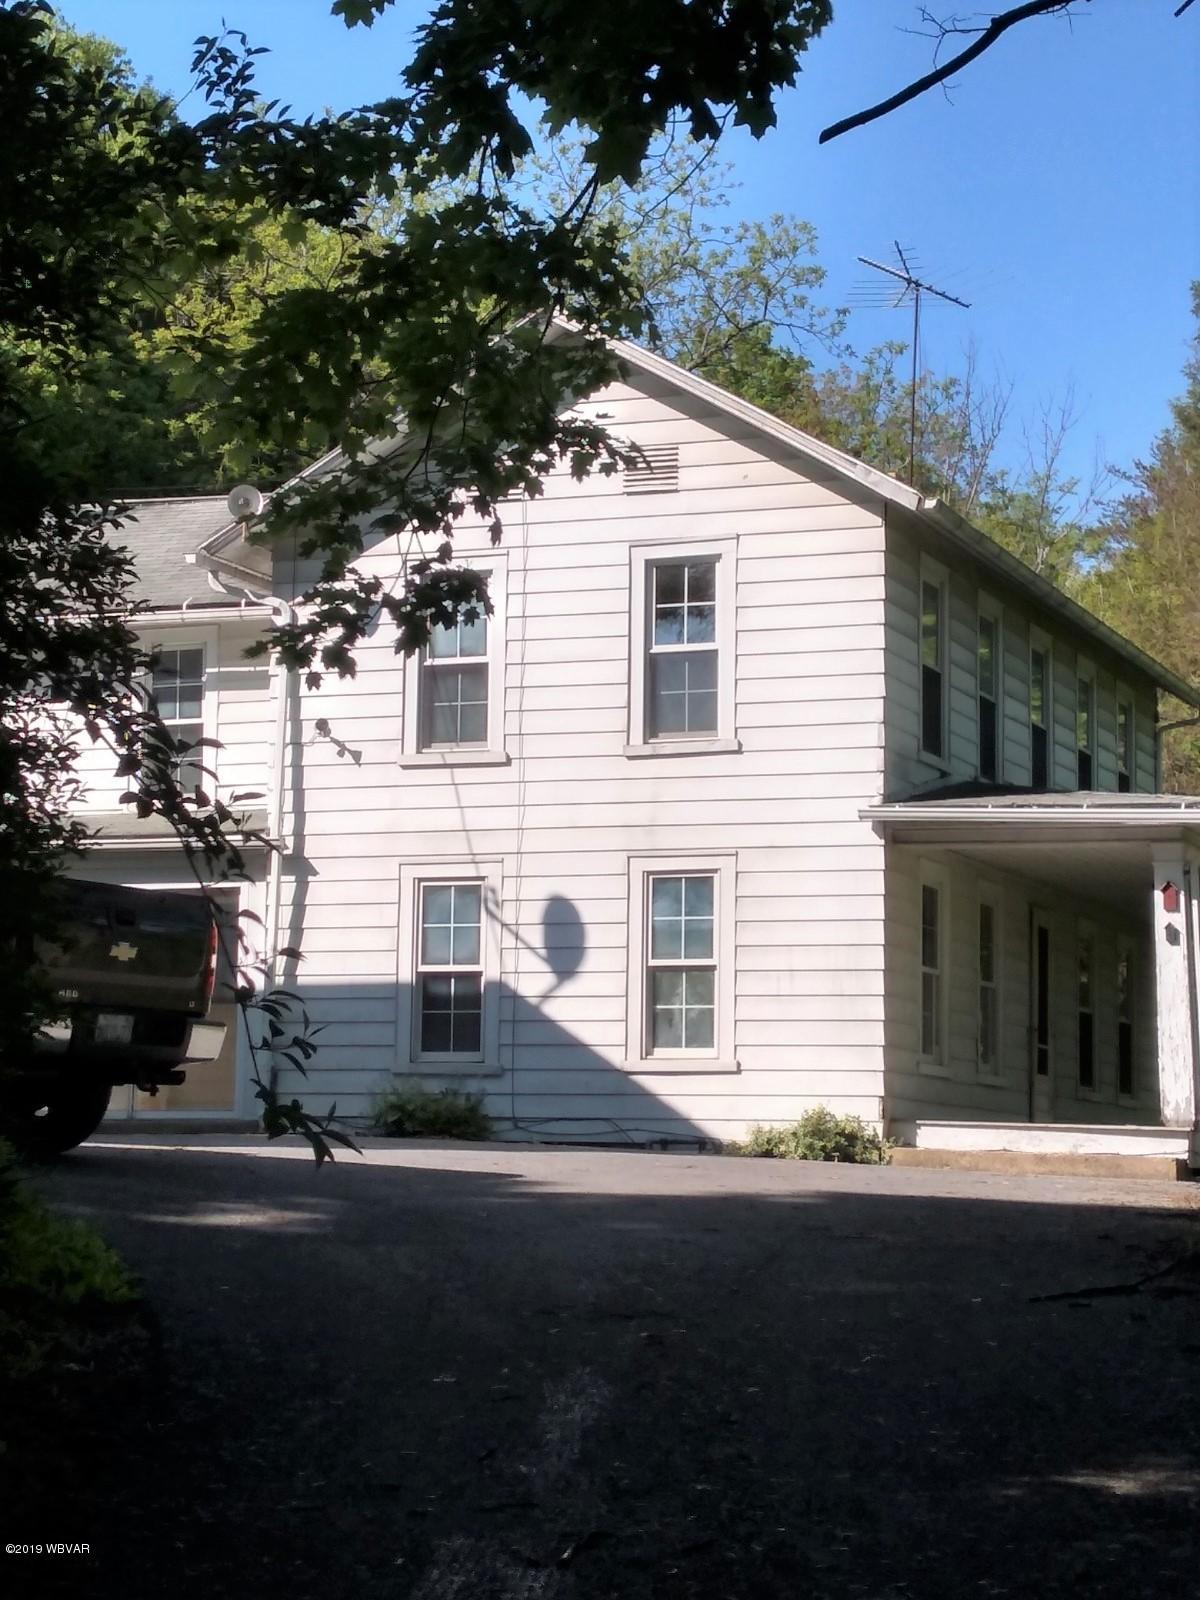 990 LUSK RUN ROAD,Mill Hall,PA 17751,3 Bedrooms Bedrooms,2 BathroomsBathrooms,Residential,LUSK RUN,WB-87380